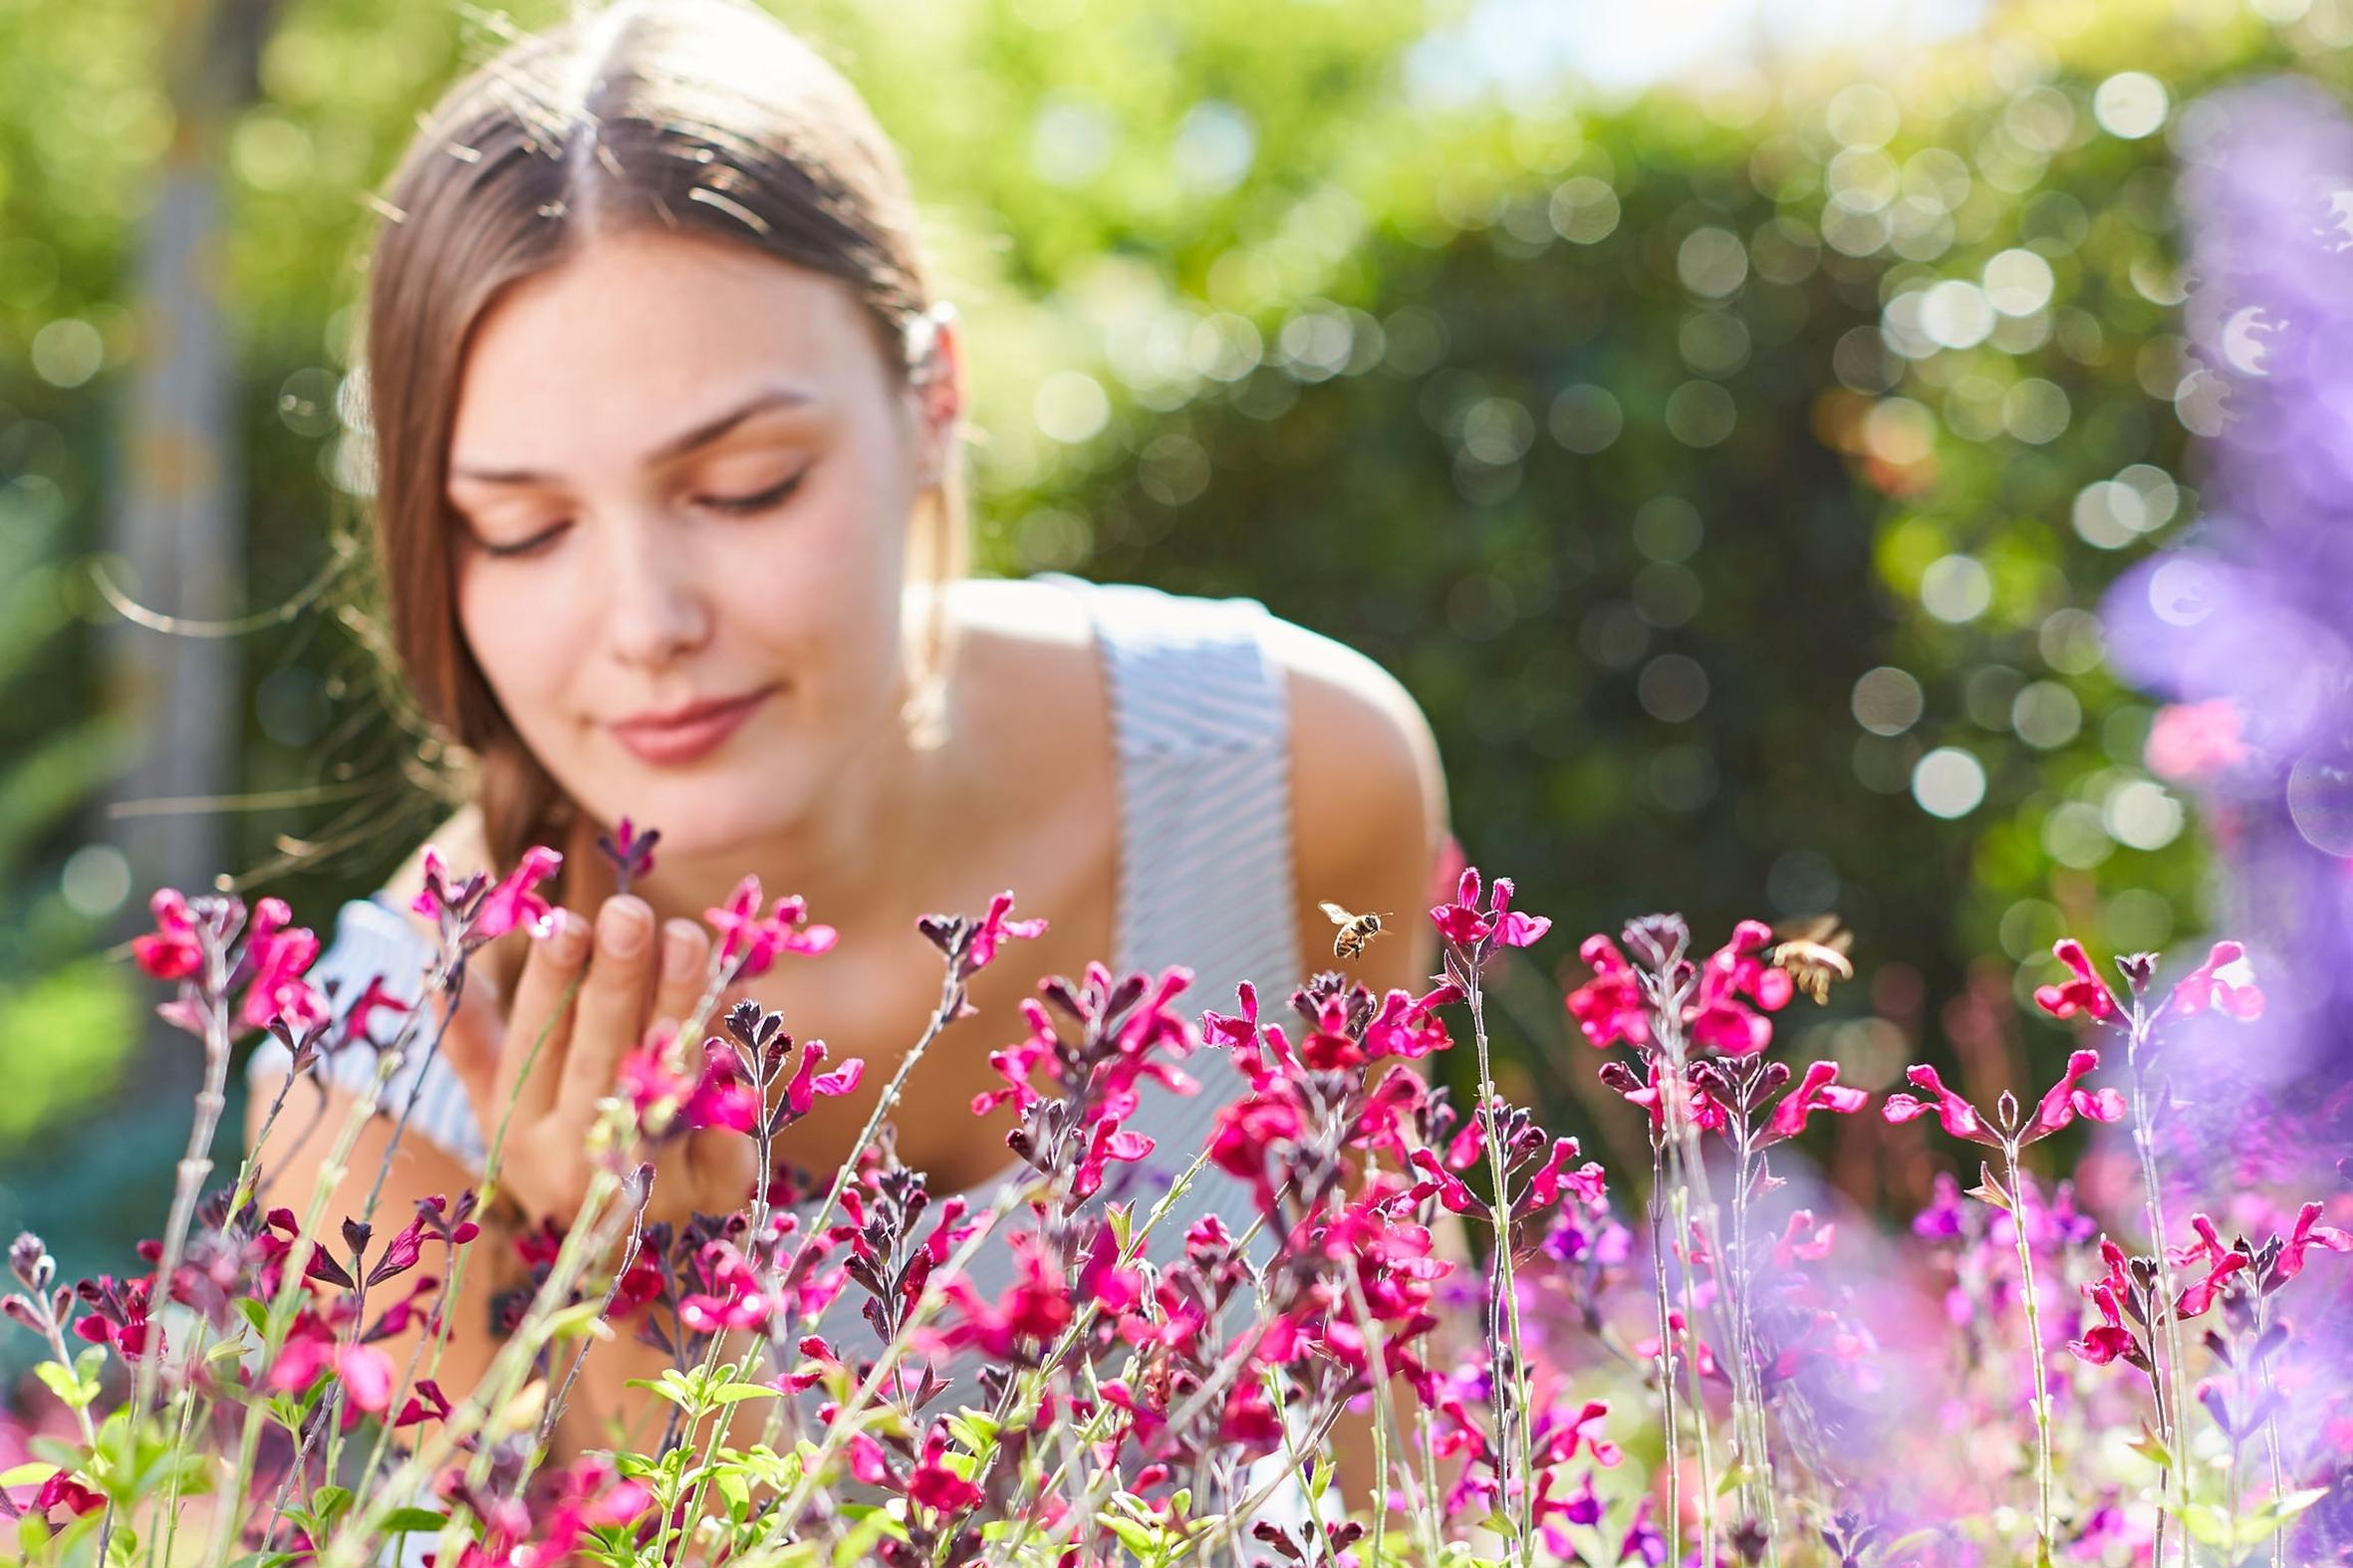 Farbe, Duft und Lebensfreude: Diese Blütenträume locken Insekten an